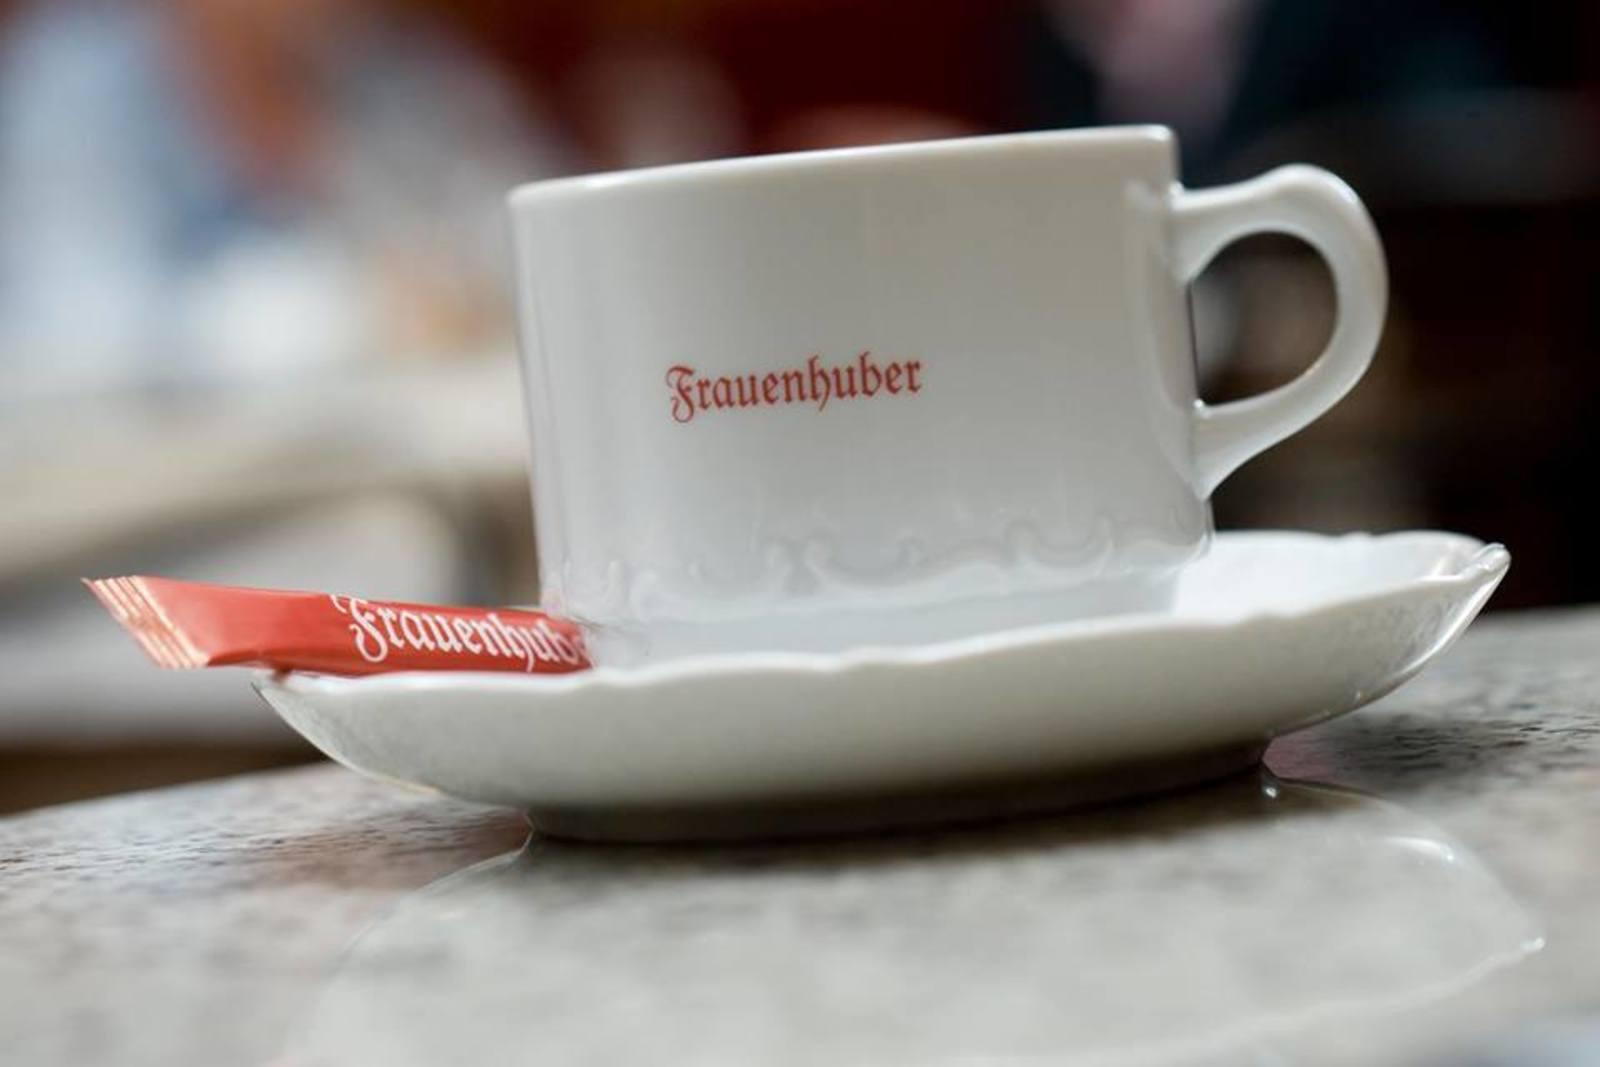 Cafe_Frauenhuber_4_1600x1067